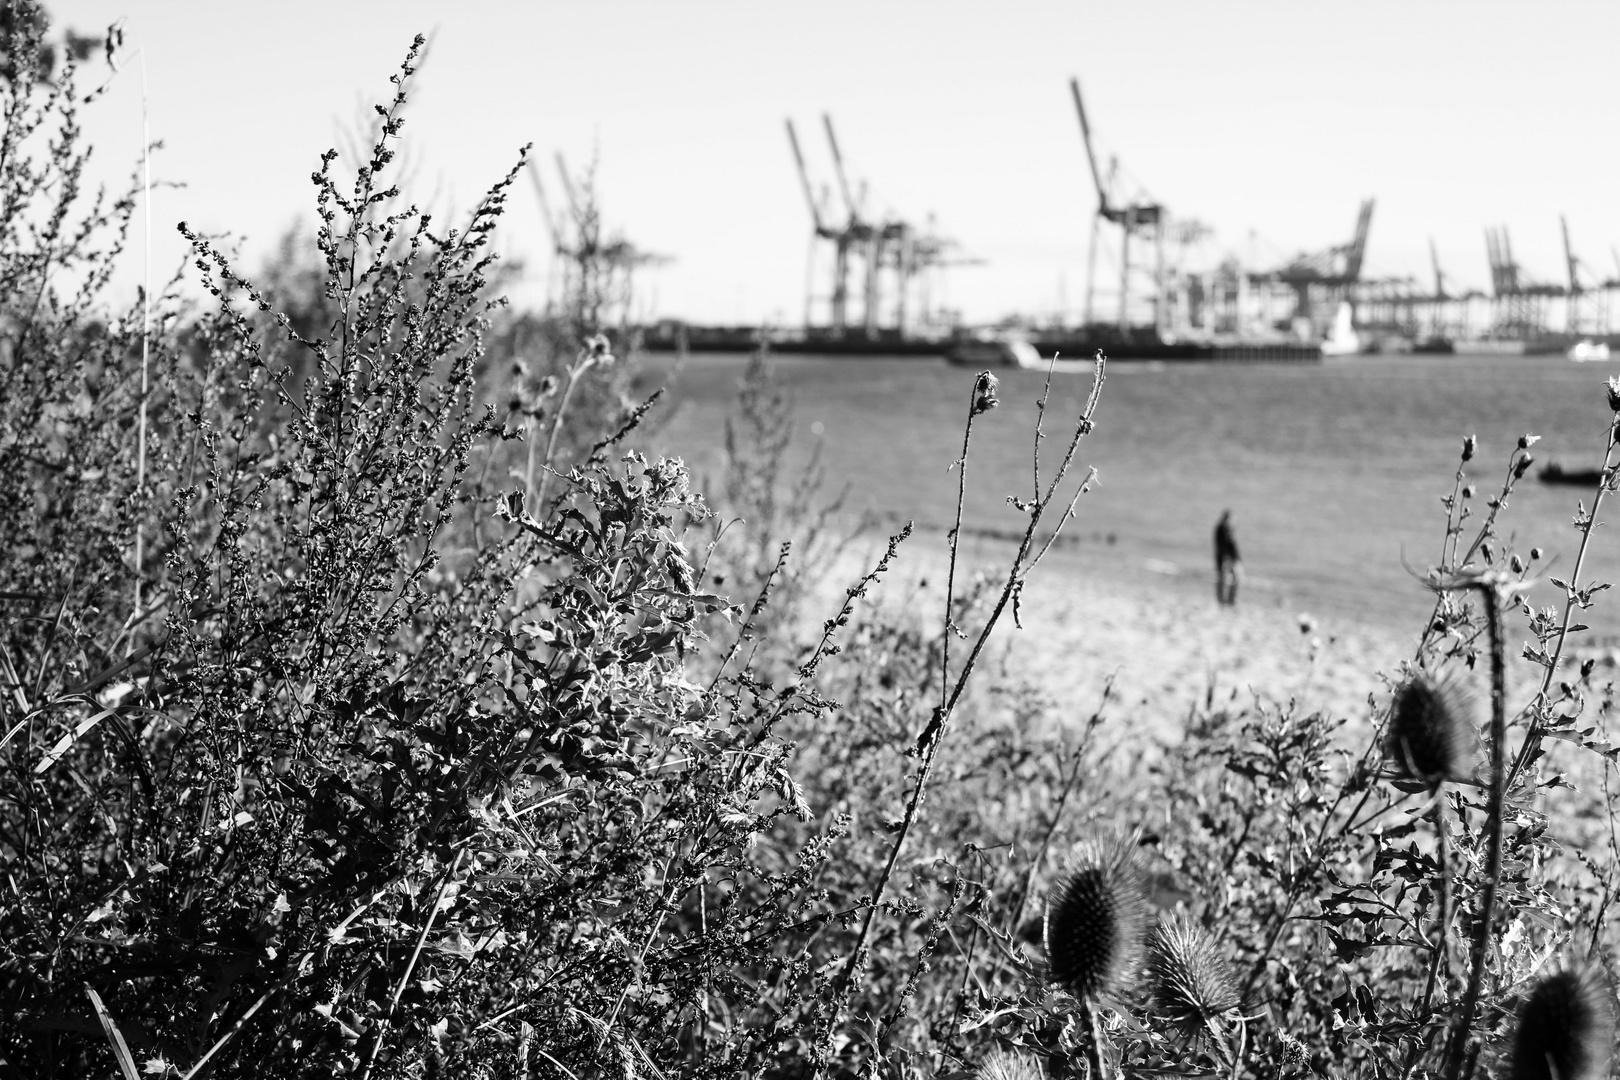 Der Hamburger Hafen ist irgendwie blumig